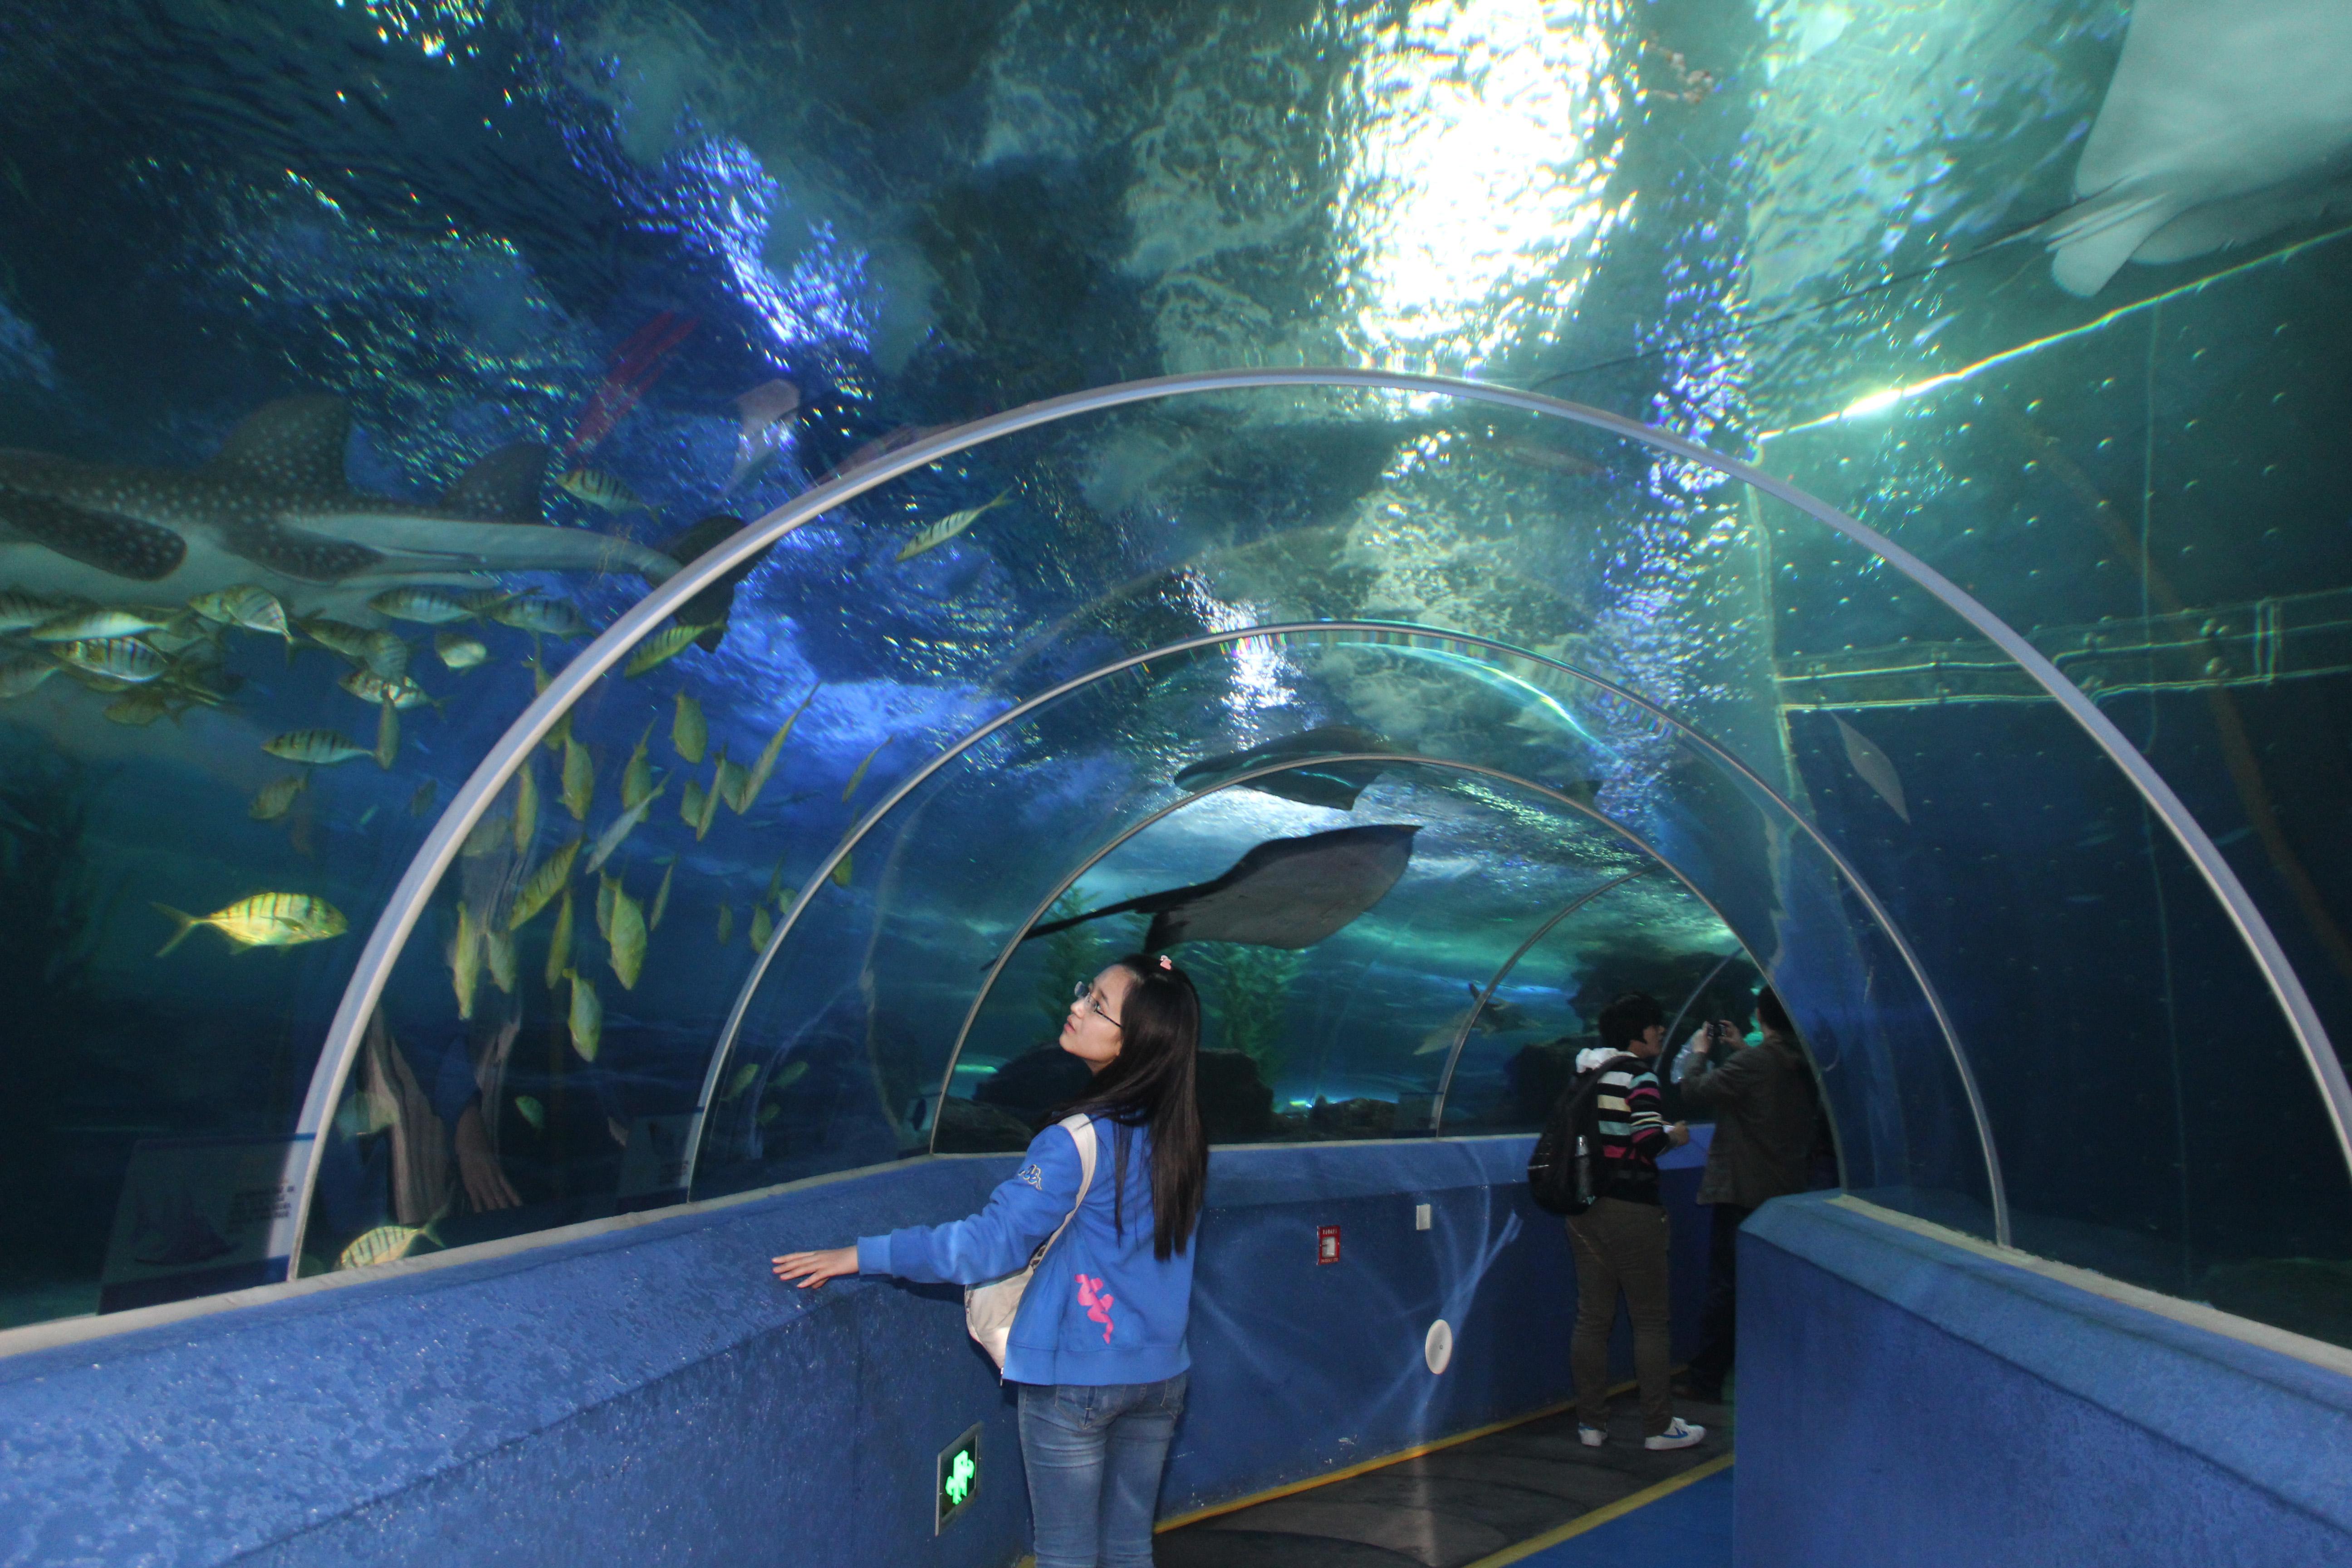 青岛的海底世界_青岛海底世界图片大全 青岛海底世界门票是多少